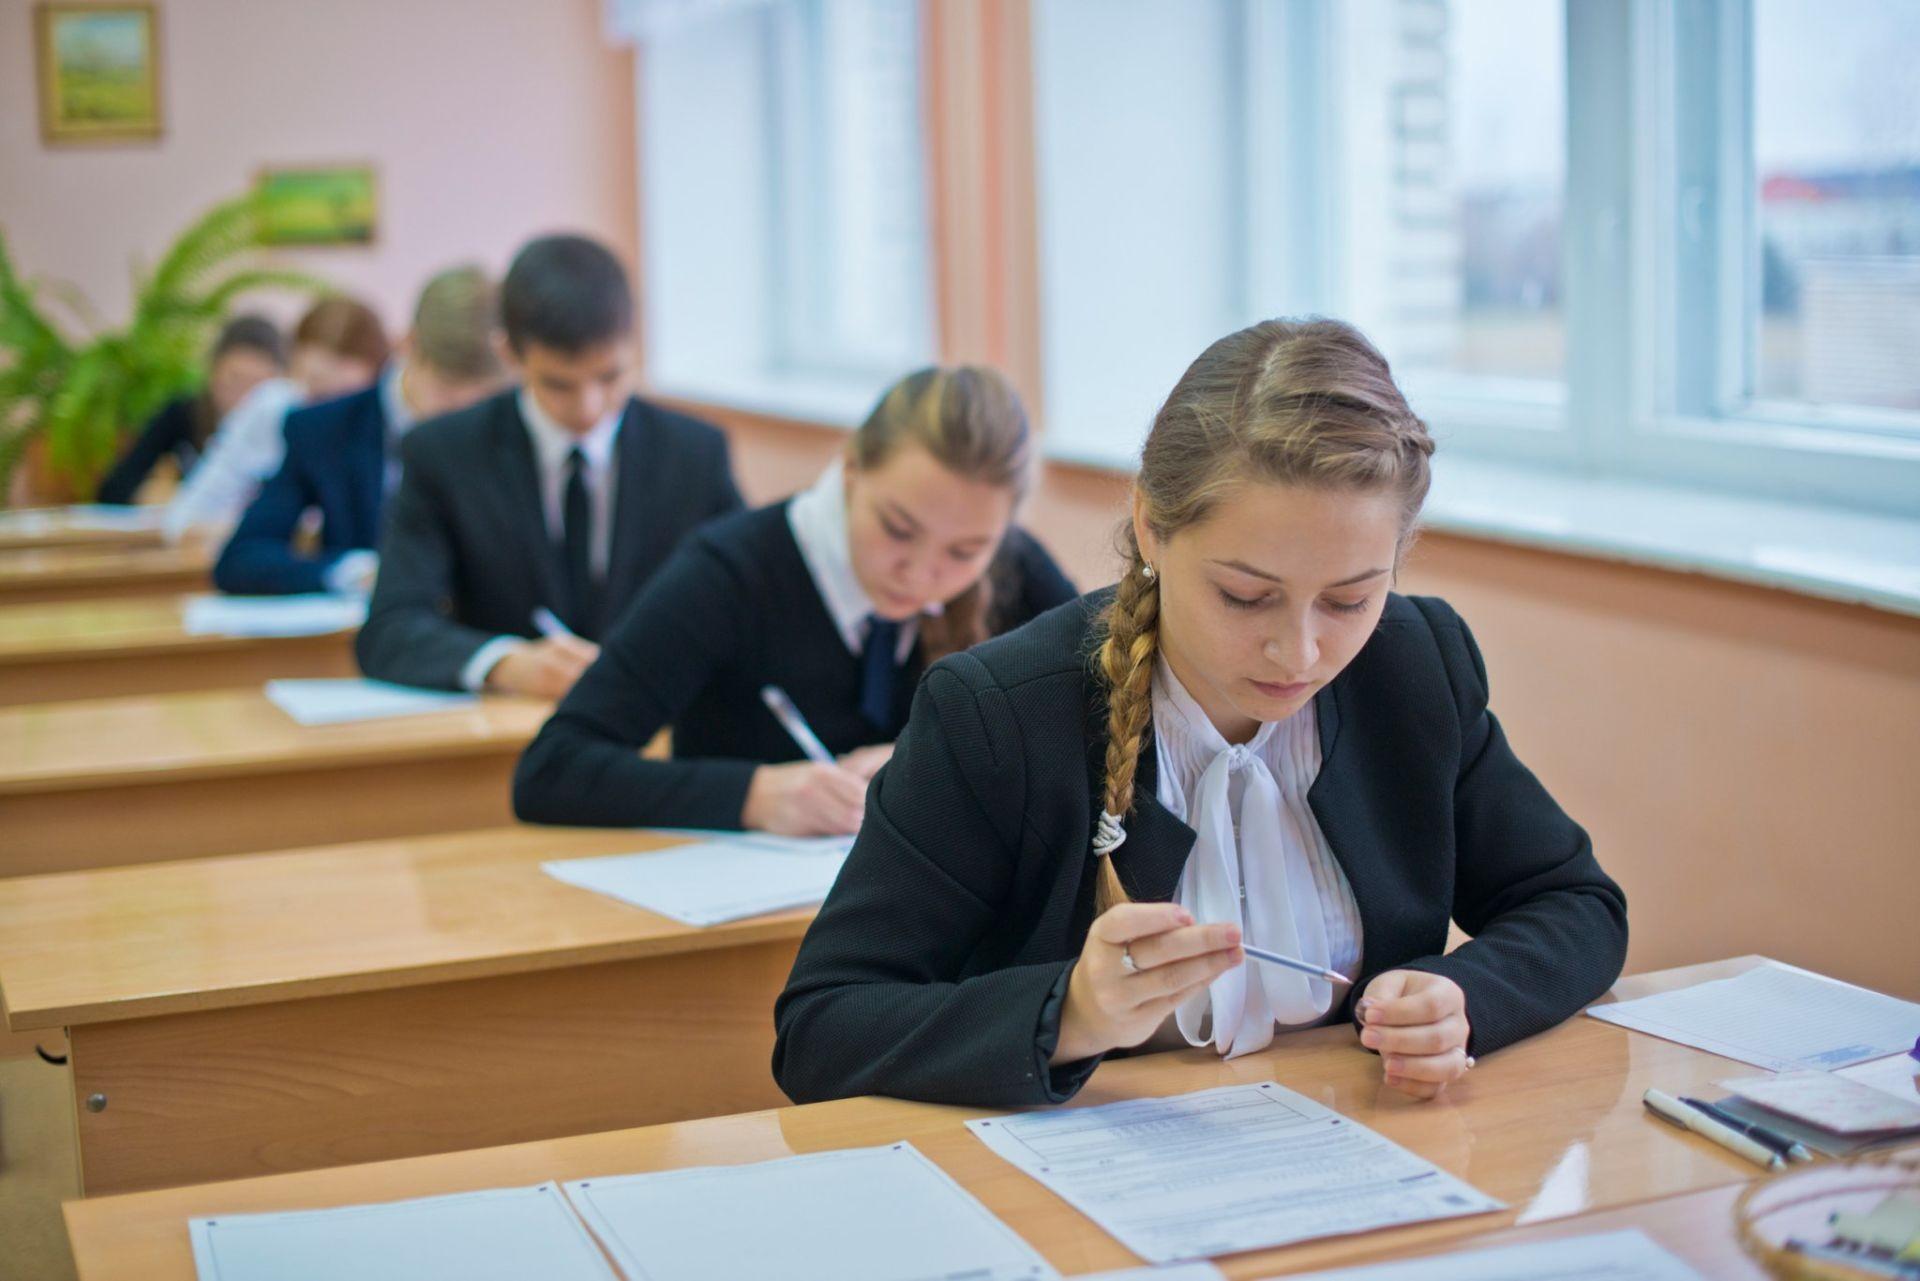 Узнай! Чем можно пользоваться на ЕГЭ и что с собой взять на экзамен в 2019 году? картинки